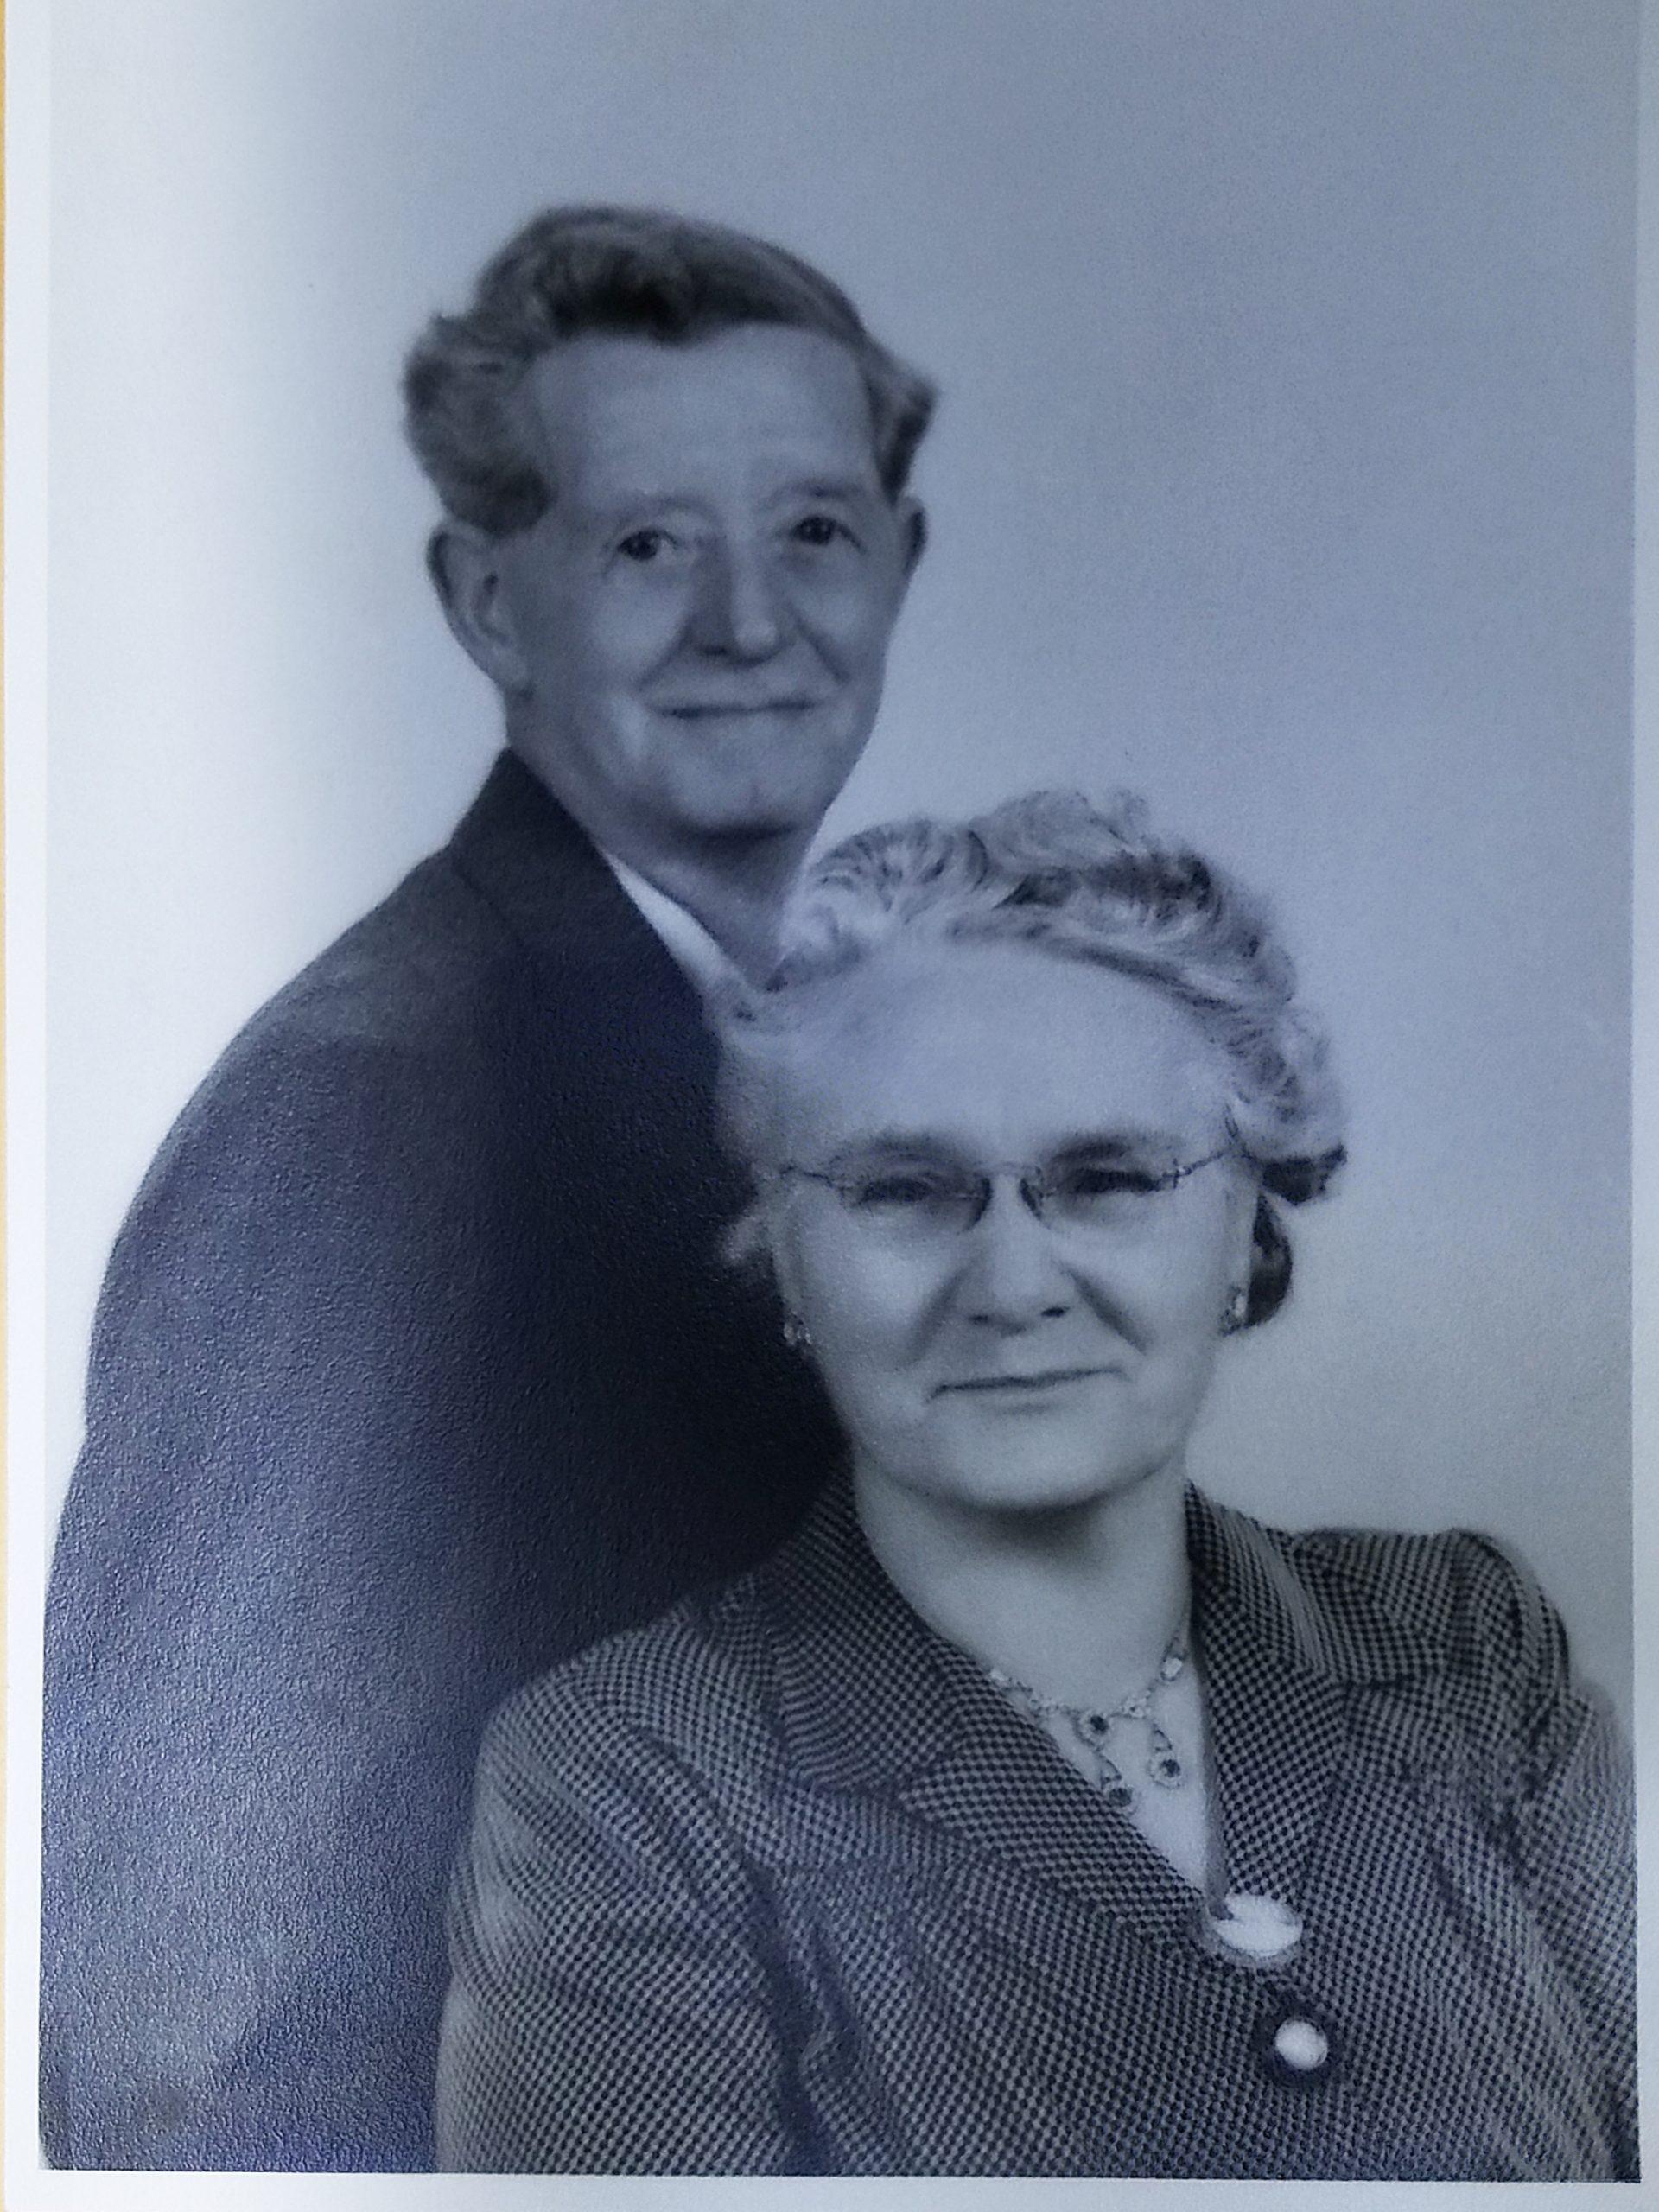 James Page Steadman and Elizabeth Jane Miller